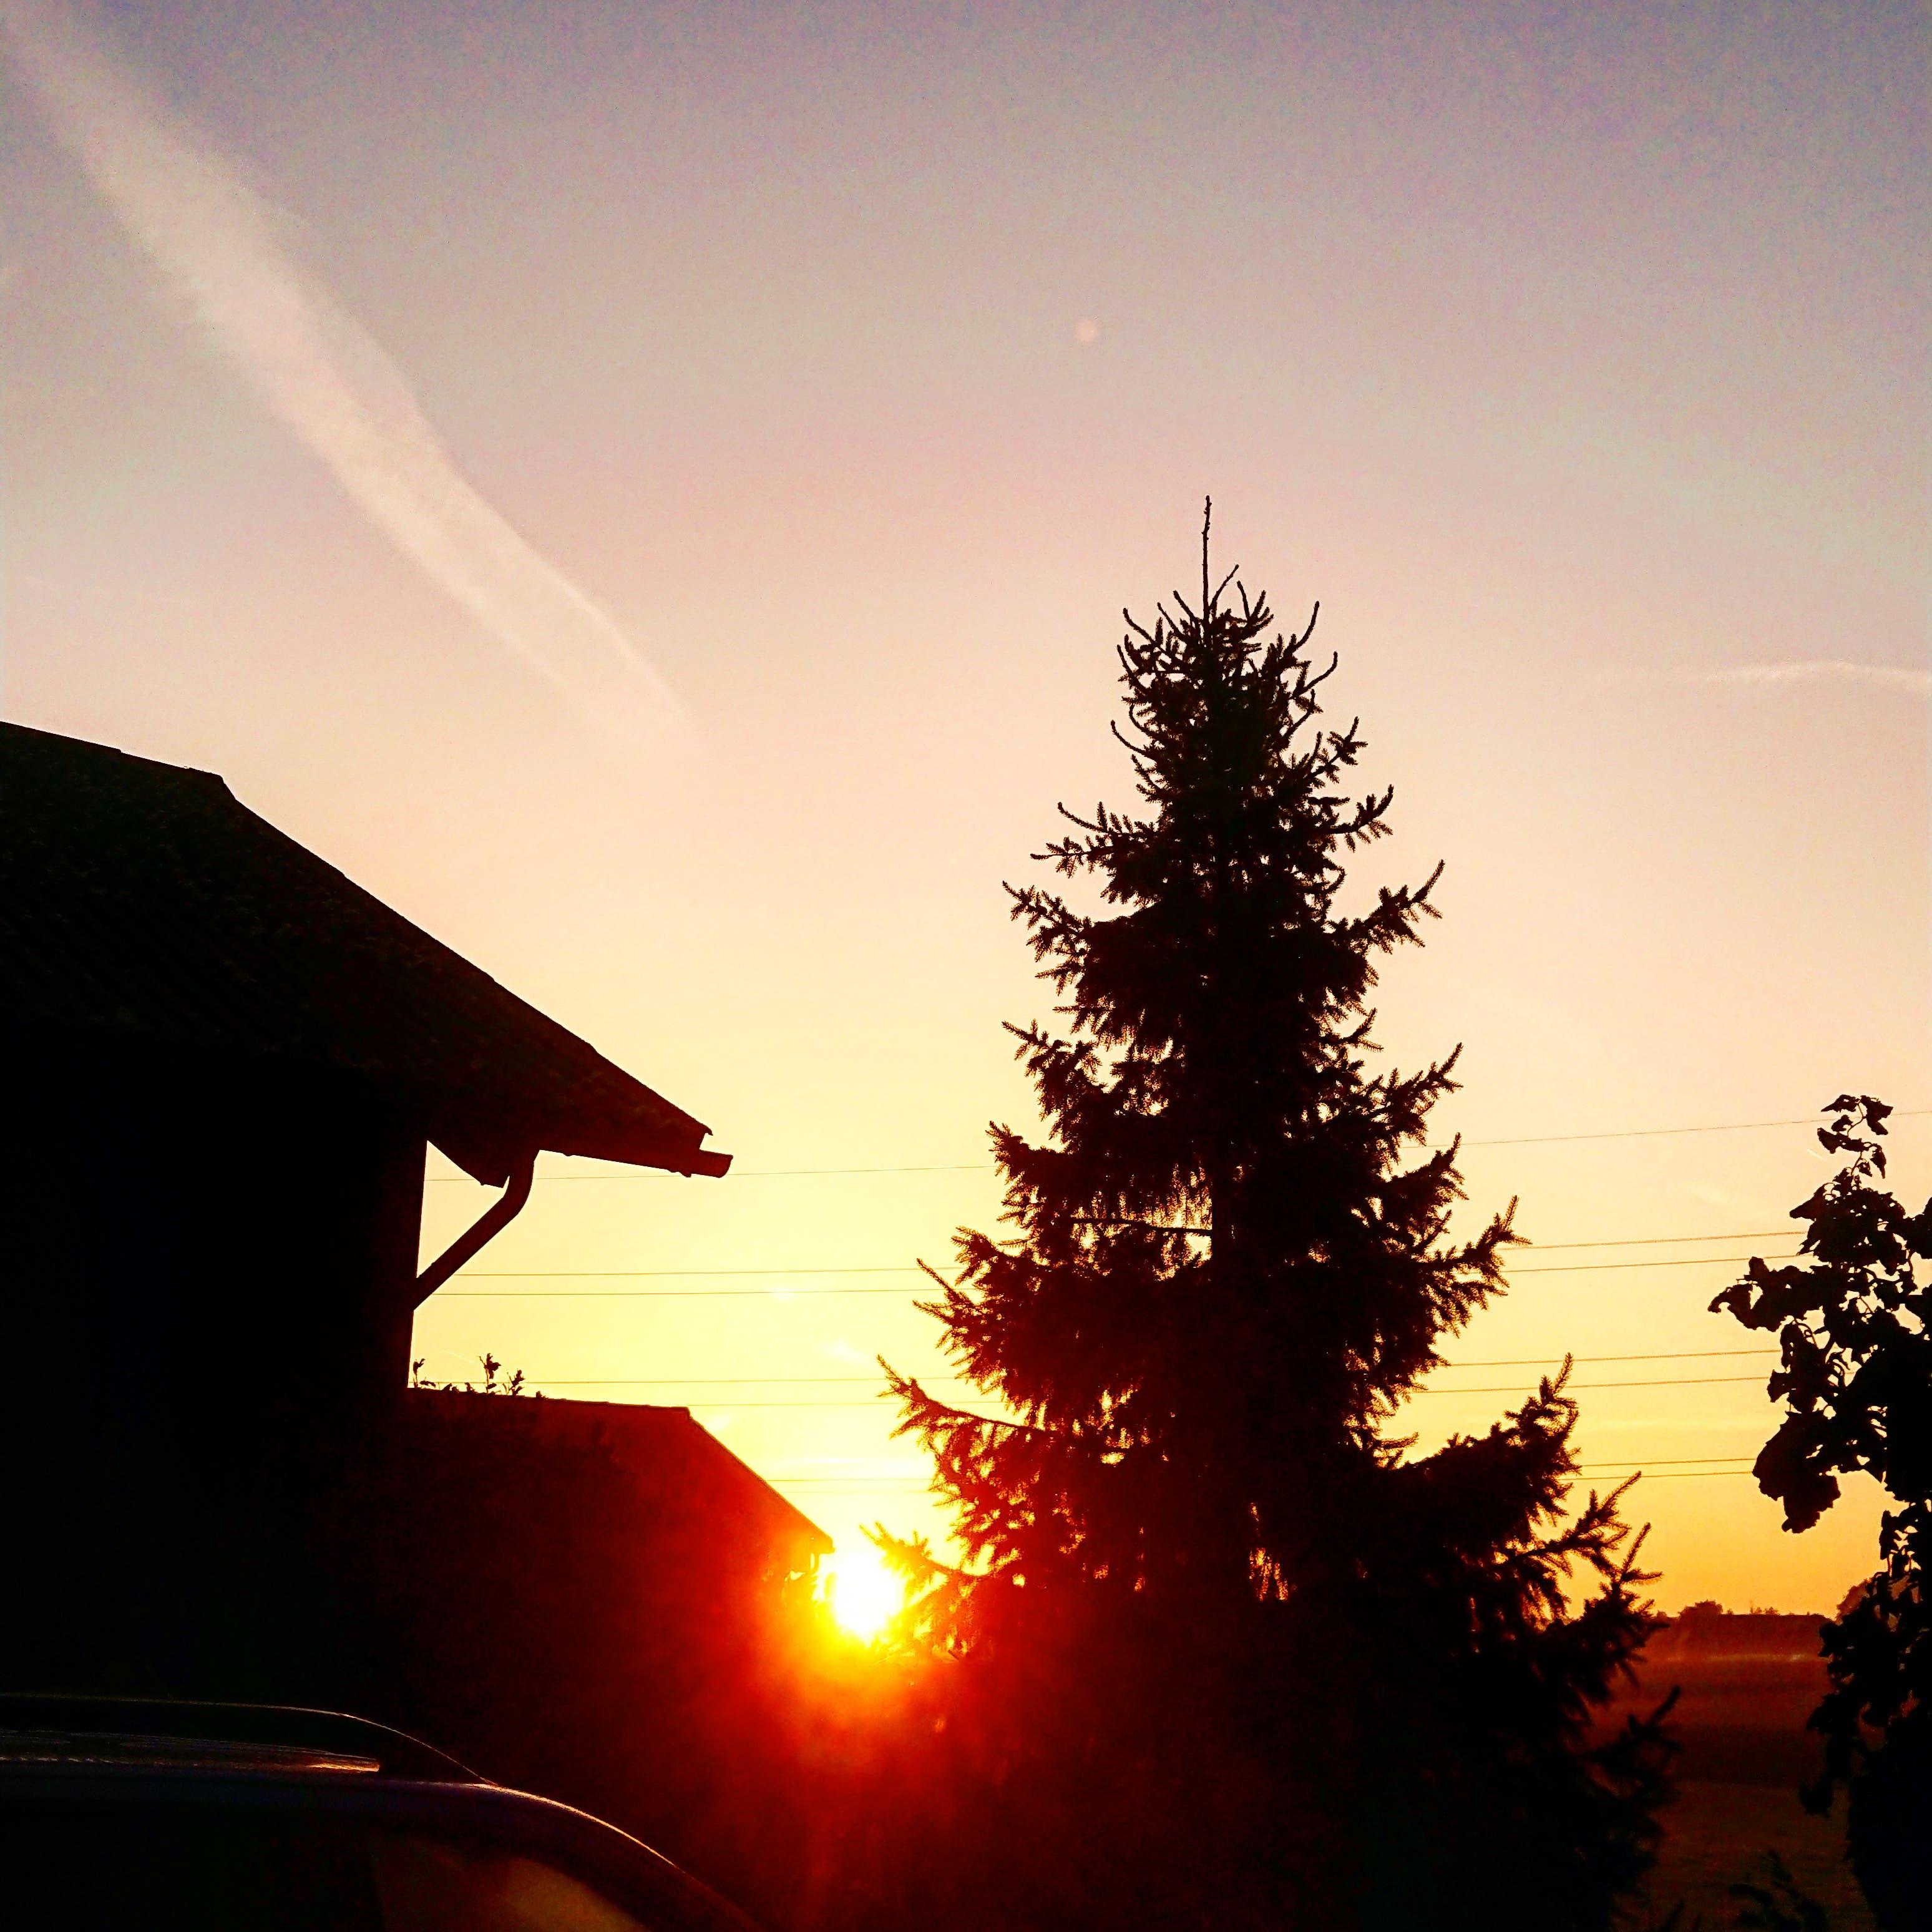 undefined Sonnenaufgang in Horriwil auf unserem Landwirtschaftlichen Betrieb